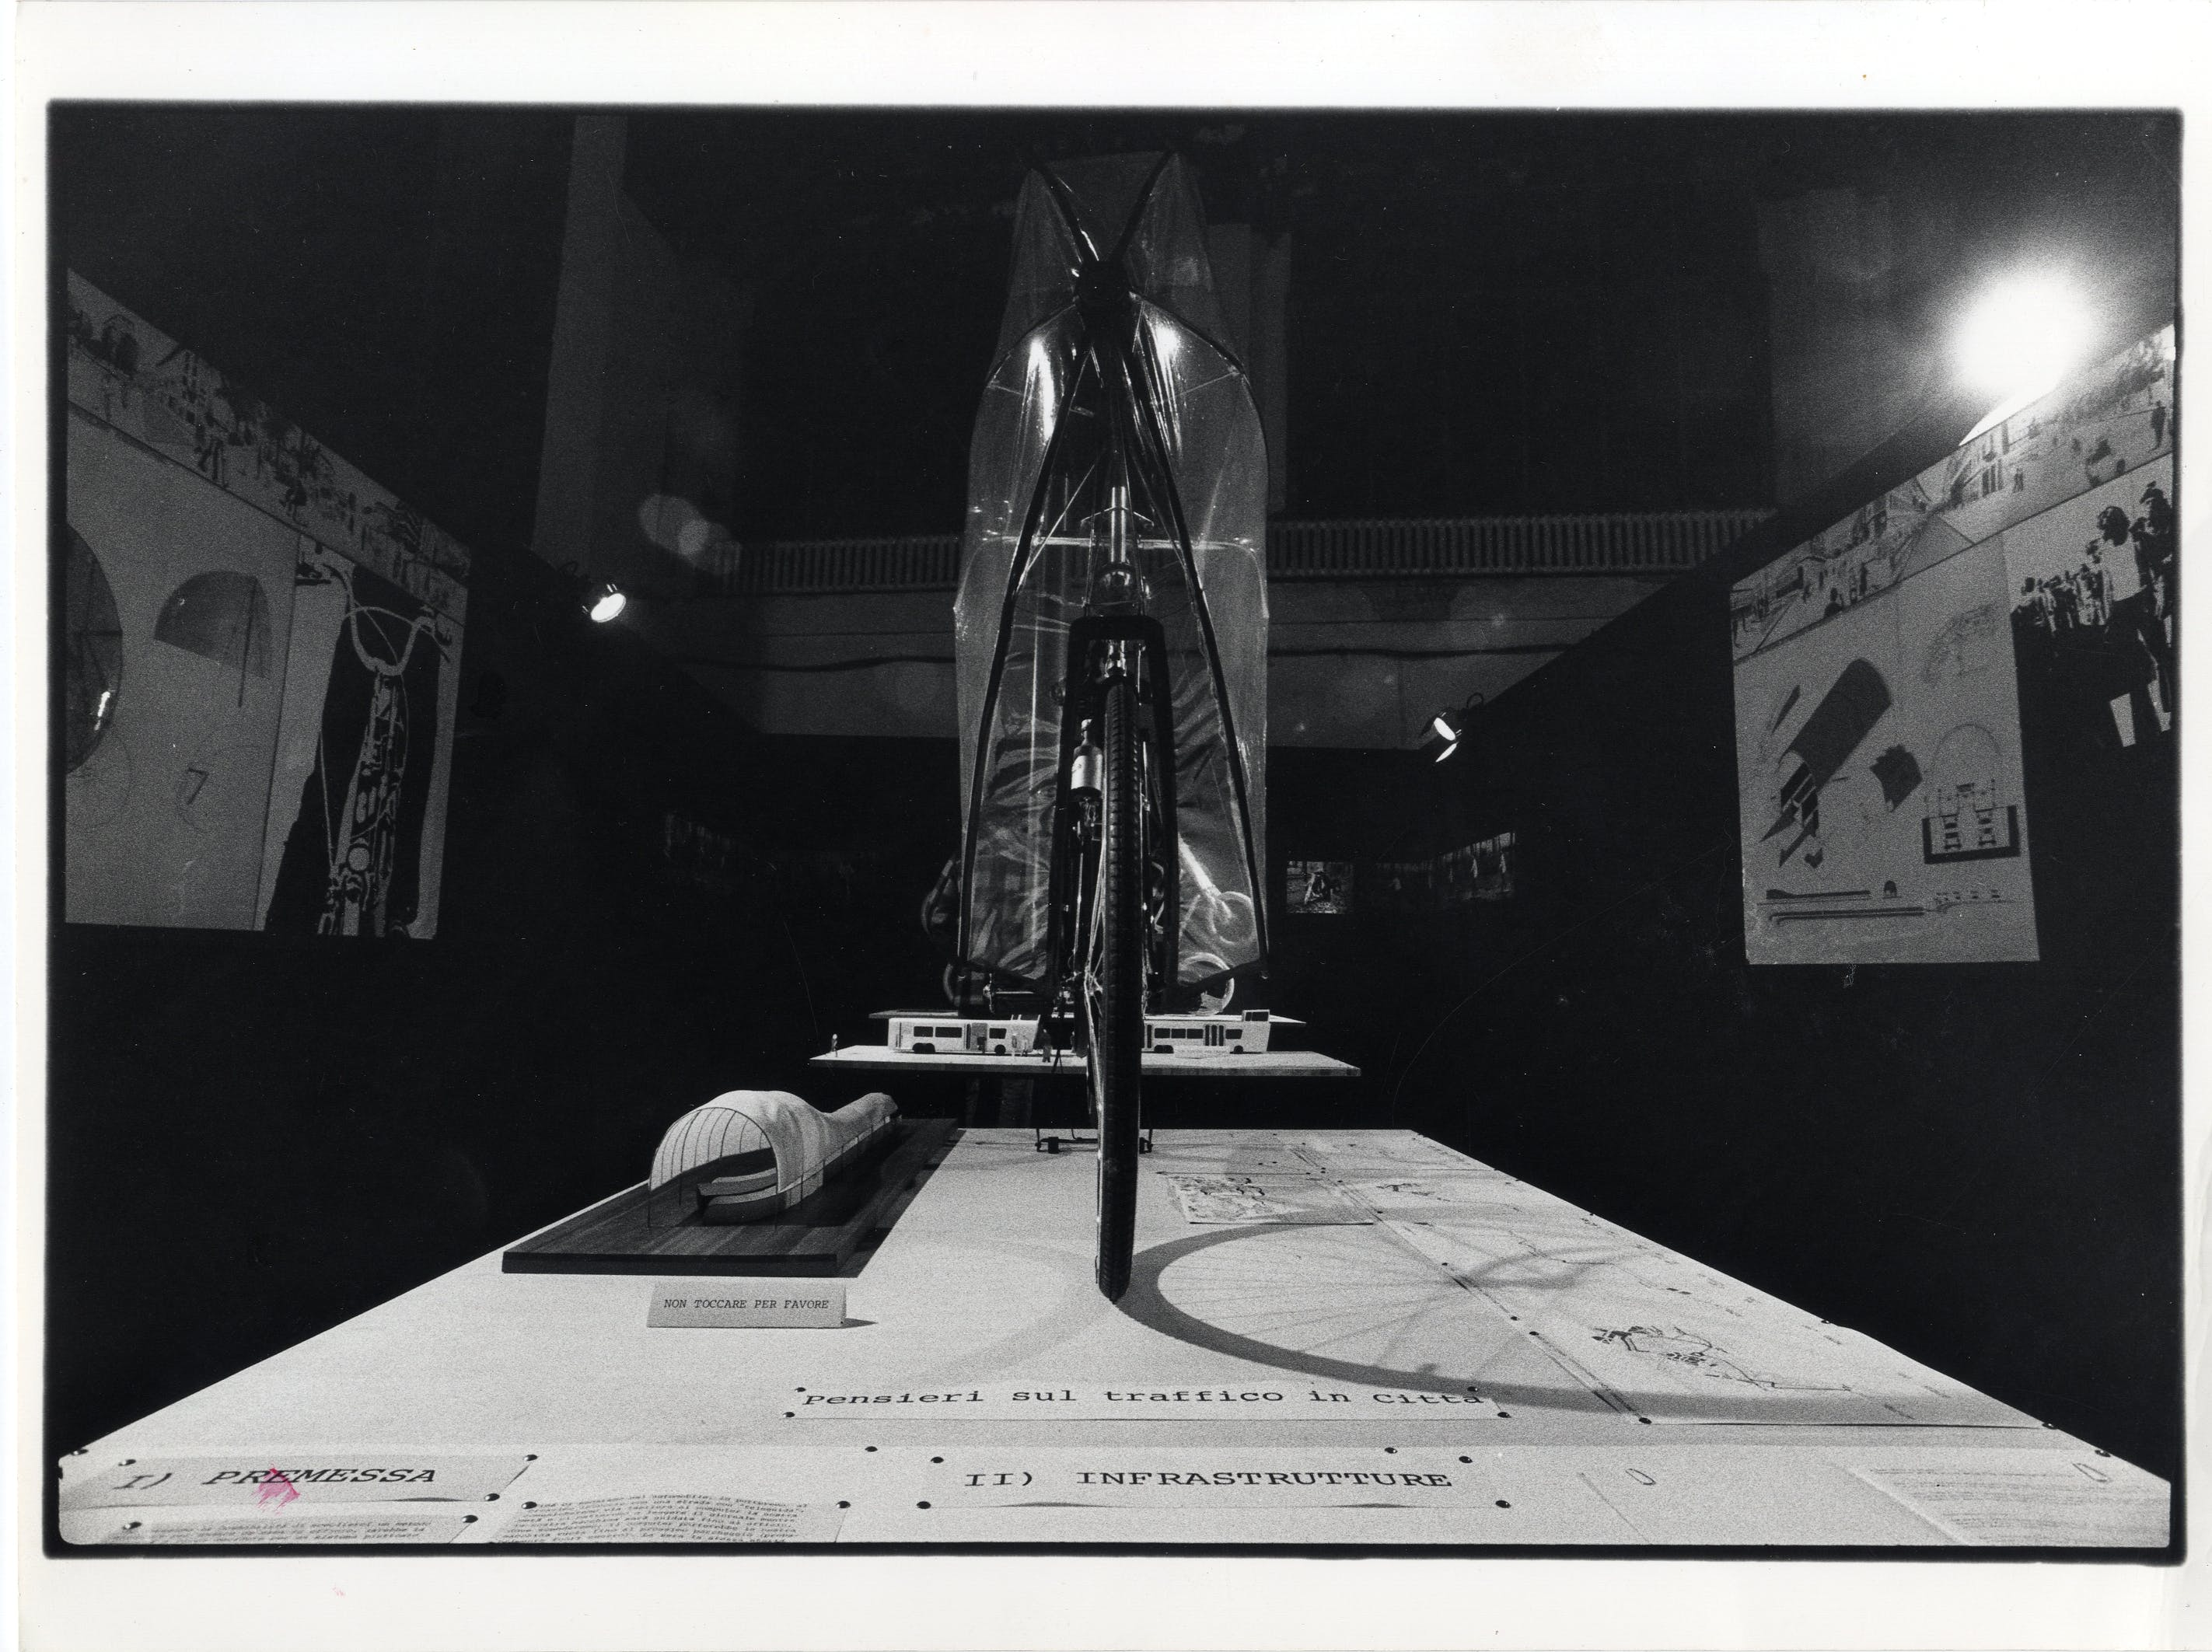 Sezione dedicata a Richard Sapper nella mostra Inizio di un censimento. Verso la raccolta per la sezione La sistemazione del design durante il primo ciclo di mostre della XVI Triennale, 1979. Foto Luciana Mulas © Triennale Milano